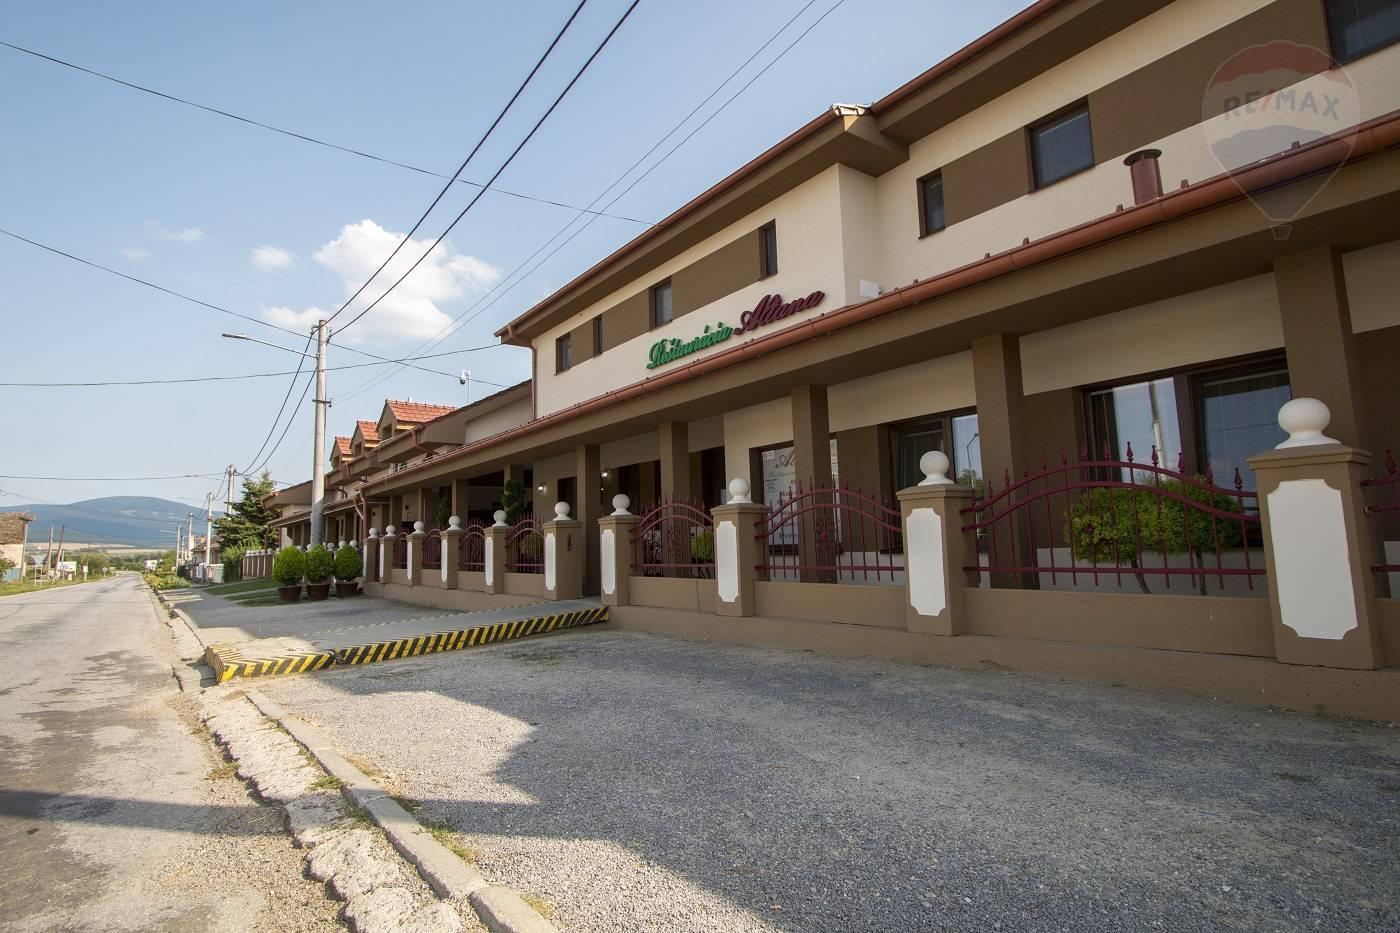 PRENAJMEM- reštauráciu a penzión, ALTANA